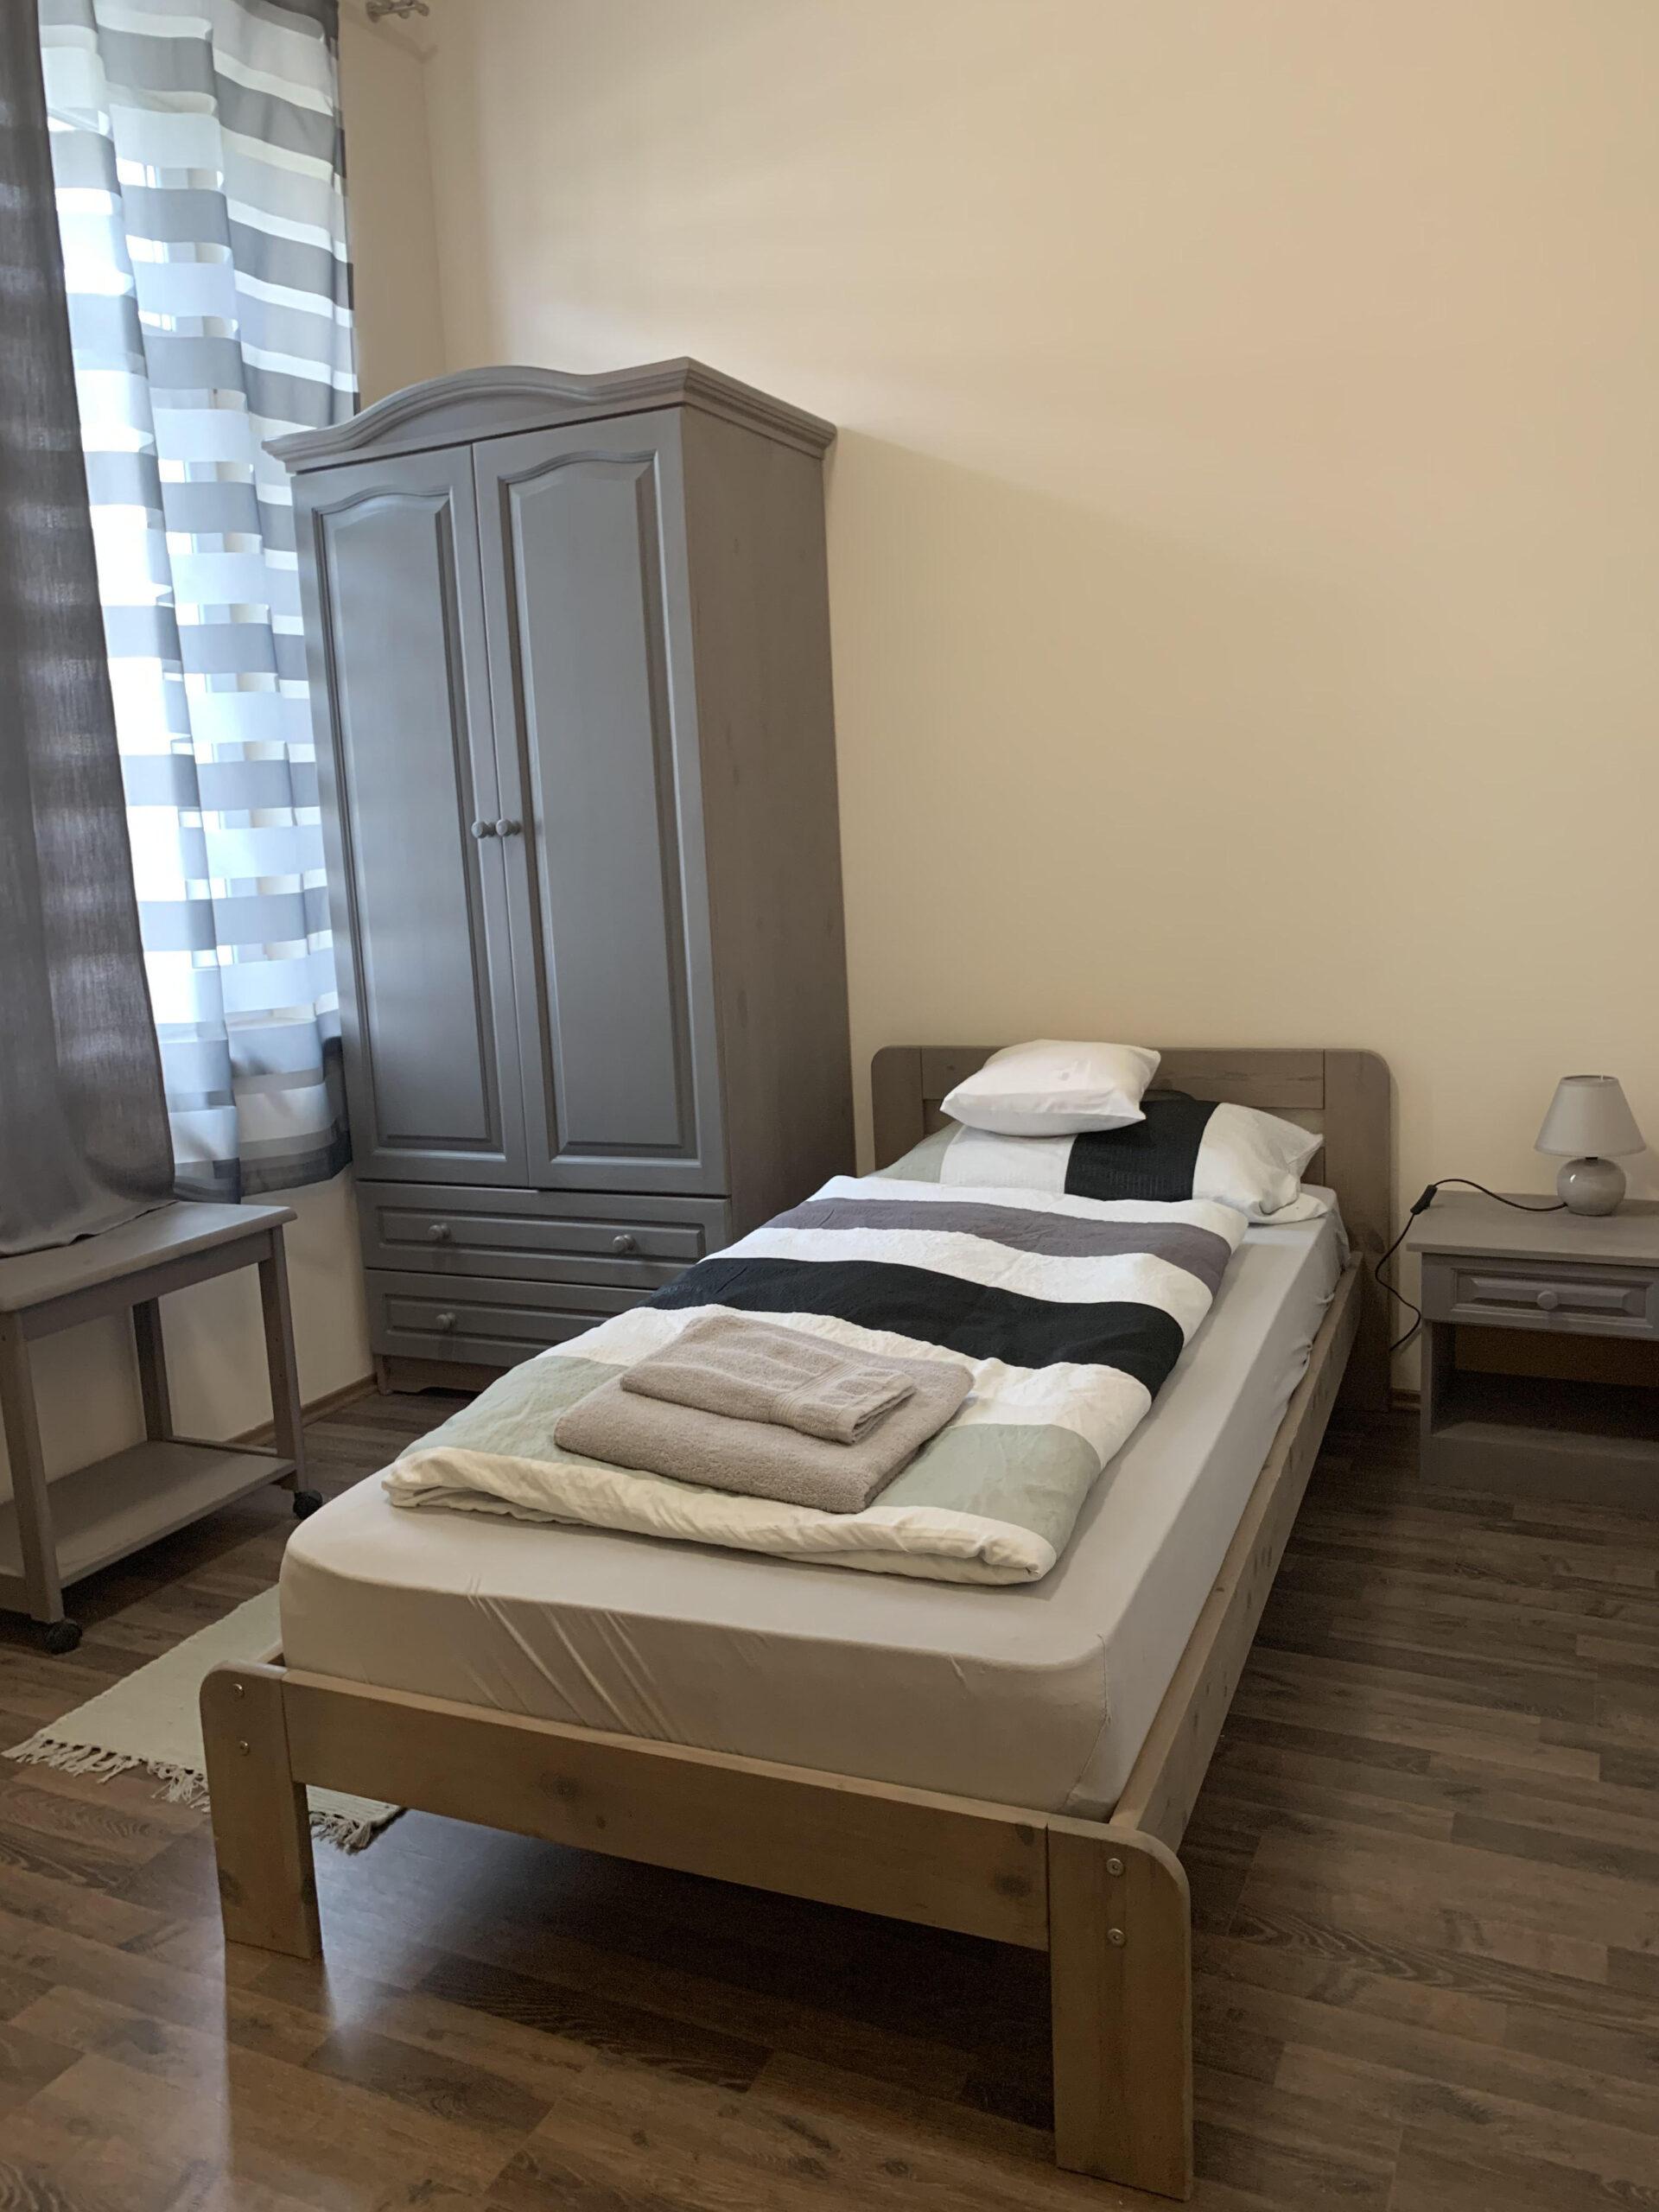 Egy ágyas szoba